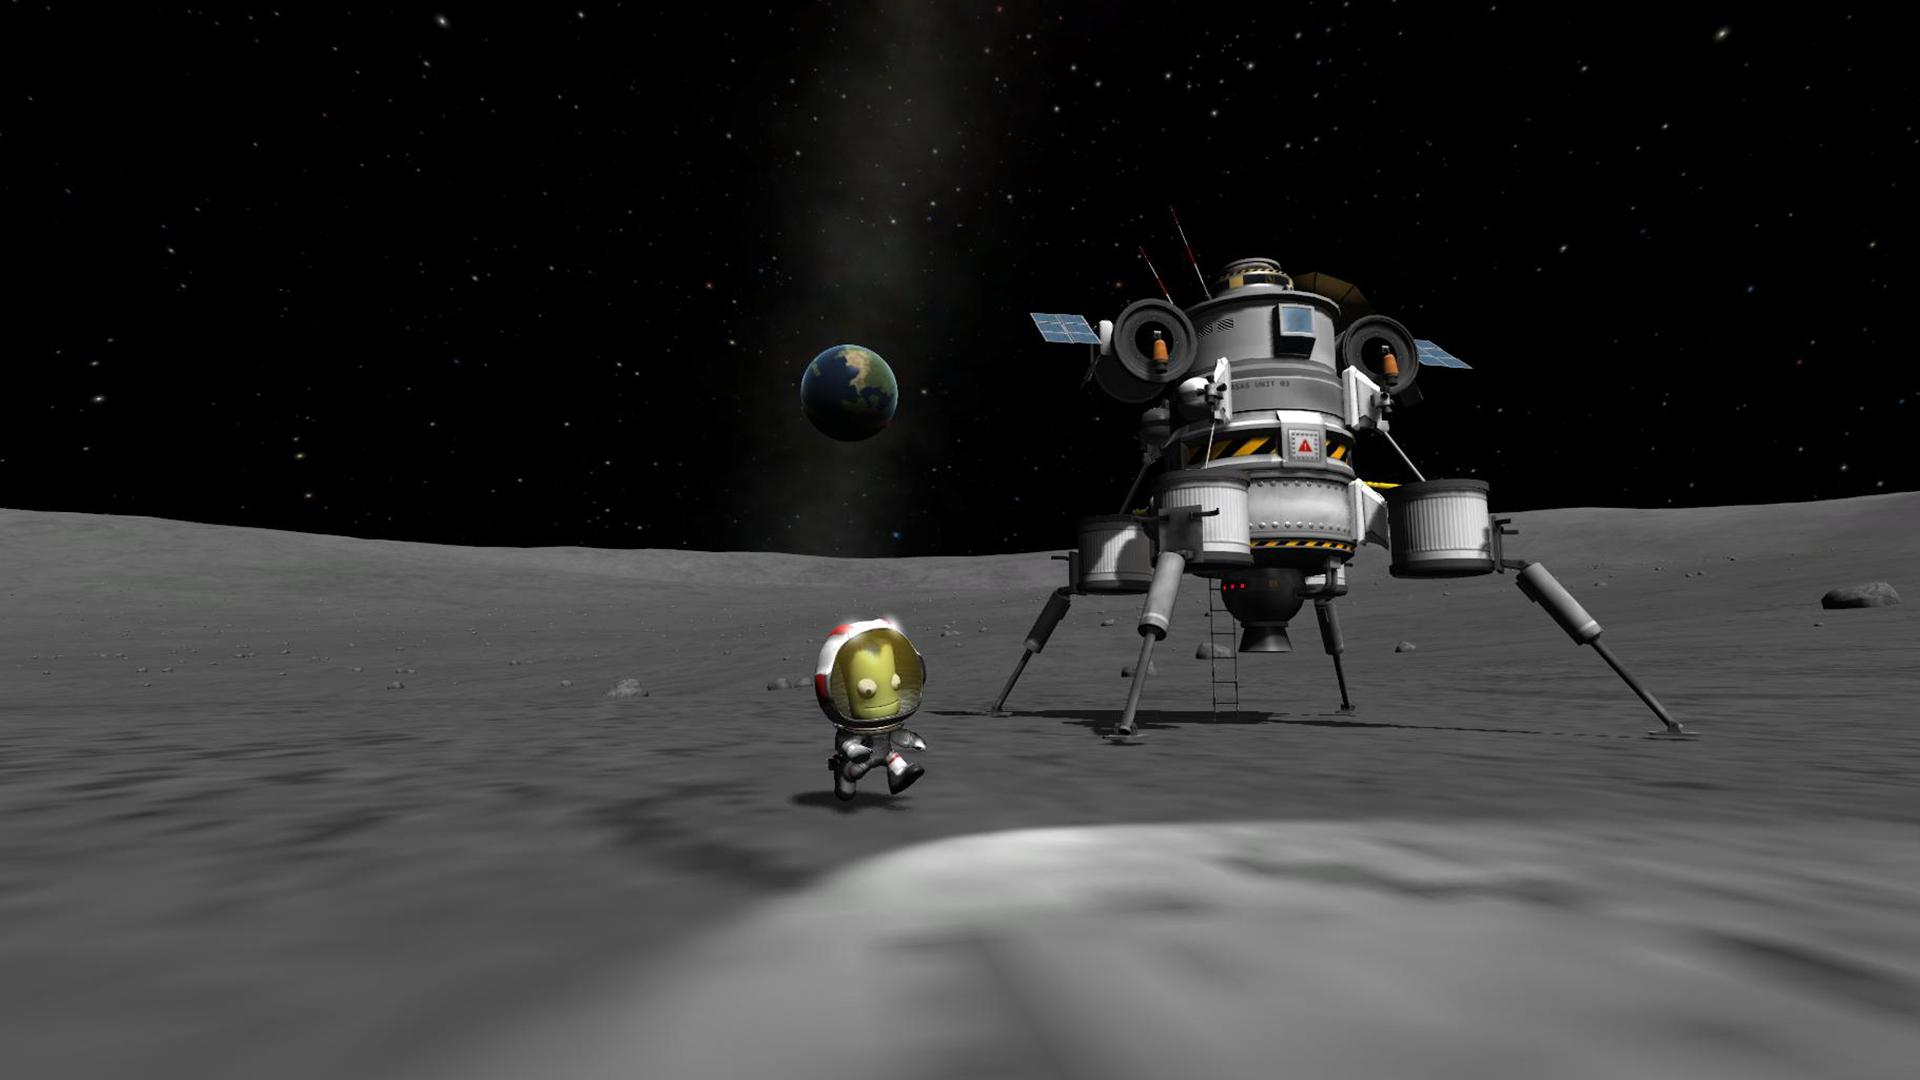 Kerbal Space Program's 'Build Fly Dream' video is still the best fan